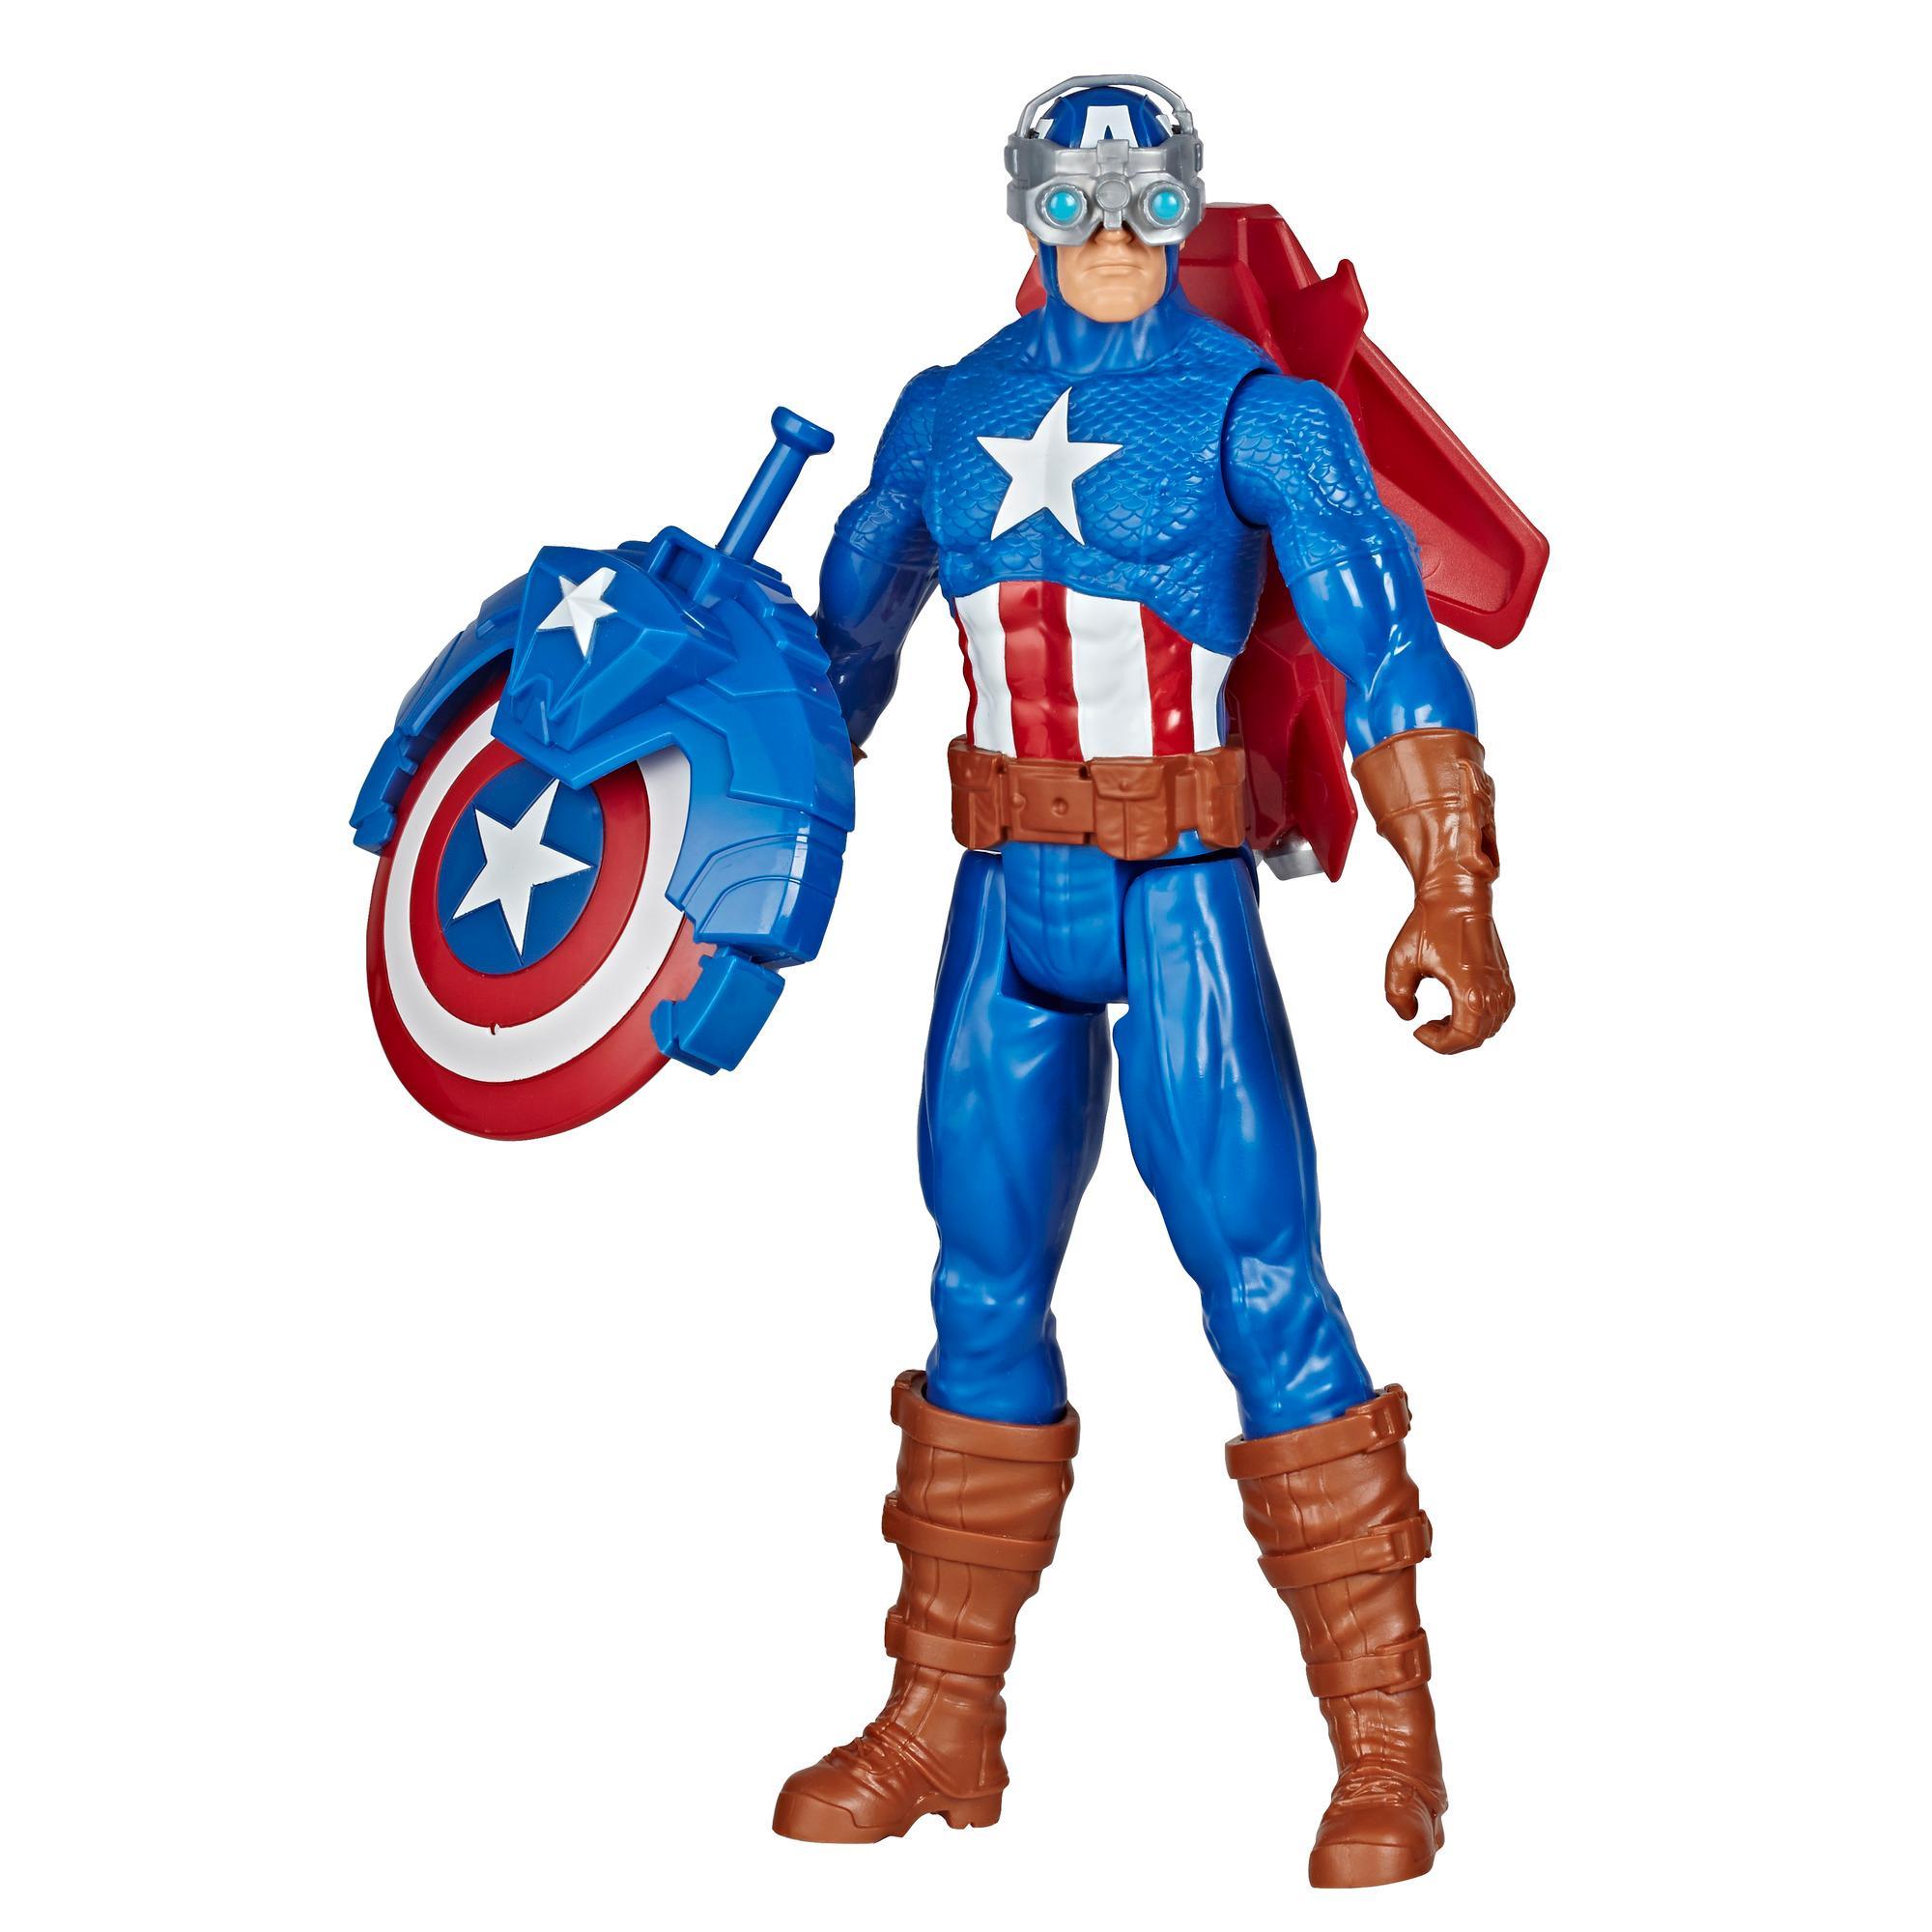 Marvel Avengers Titan Hero Serie Blast Gear Captain America